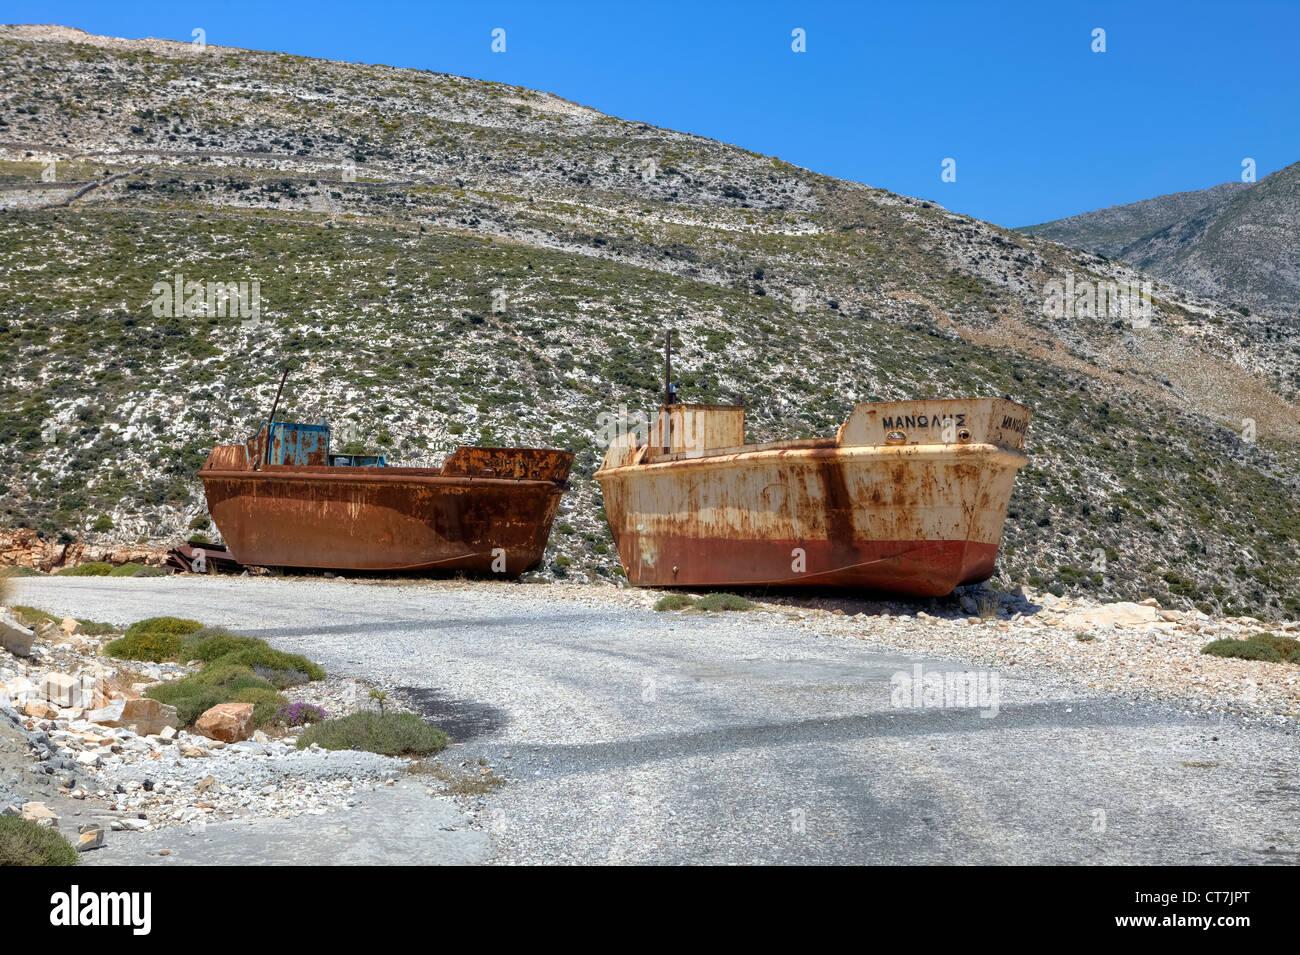 ehemalige Frachtschiffe für die Schmirgel-Extraktion bei Moutsouna, Naxos, Griechenland Stockbild